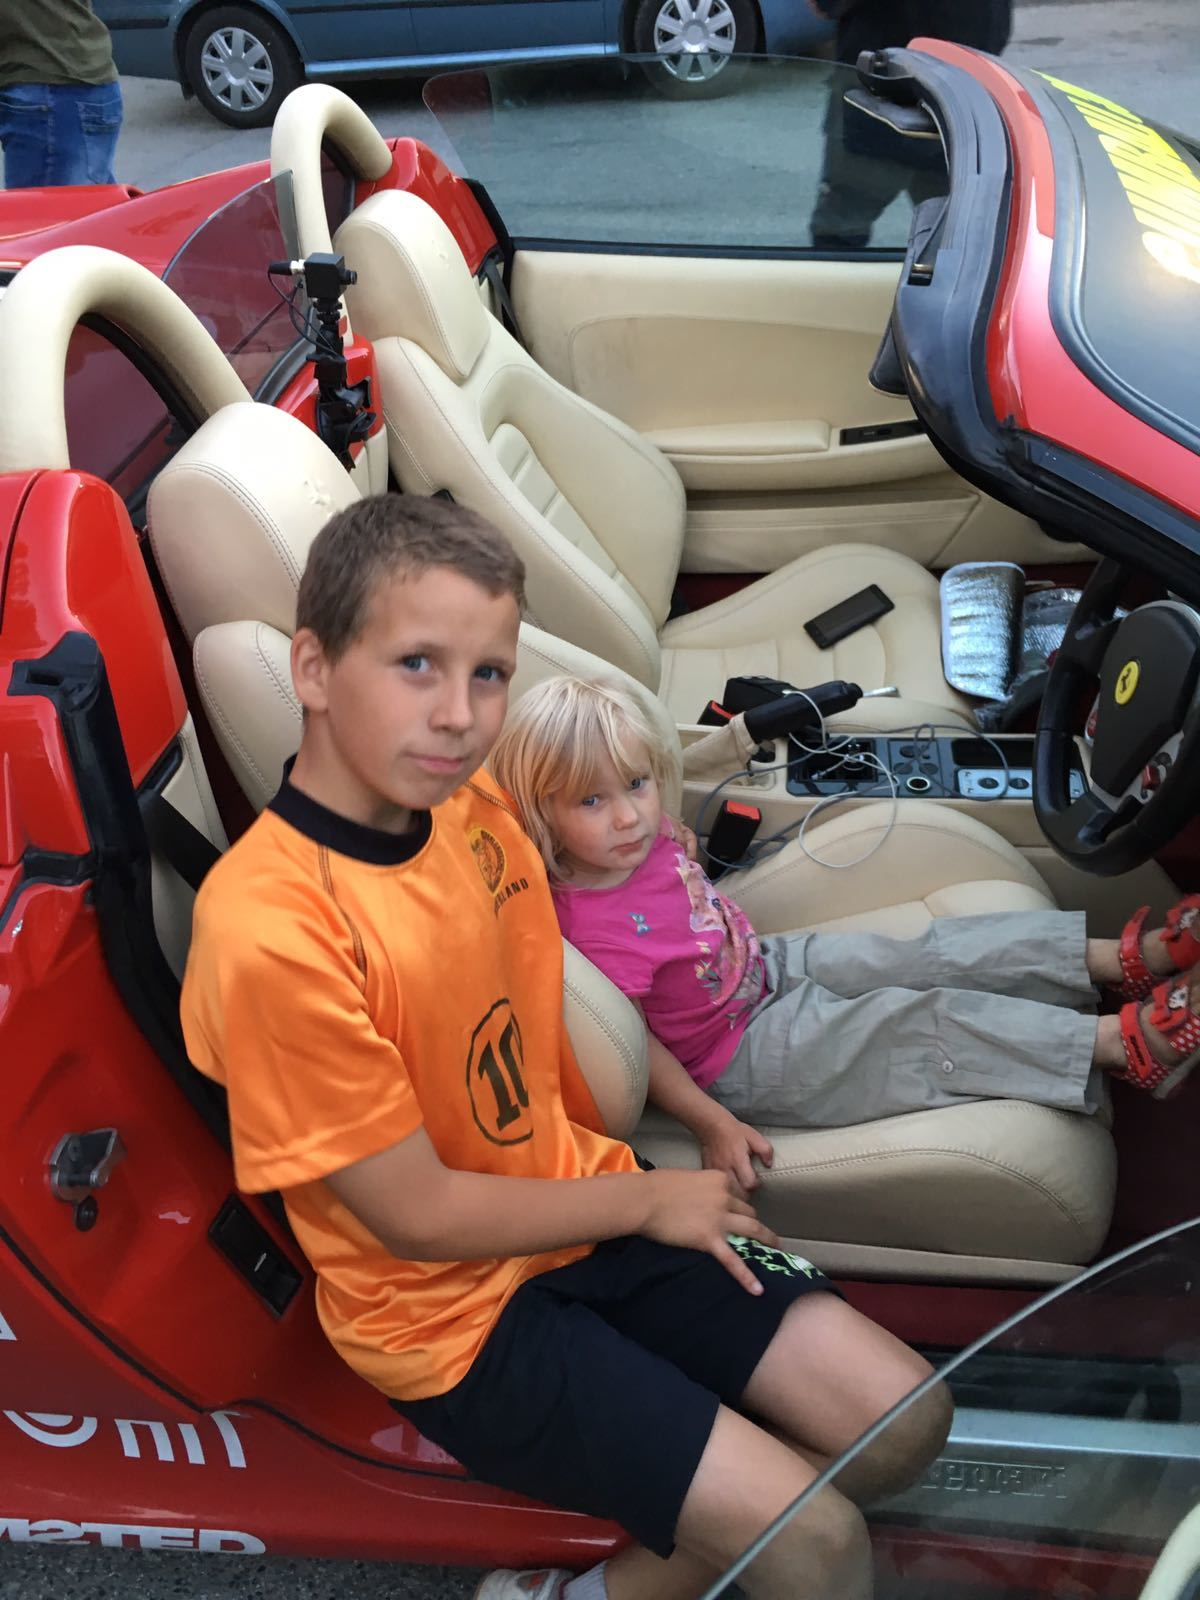 Gumball-kids-in-Ferrari.jpg#asset:3701